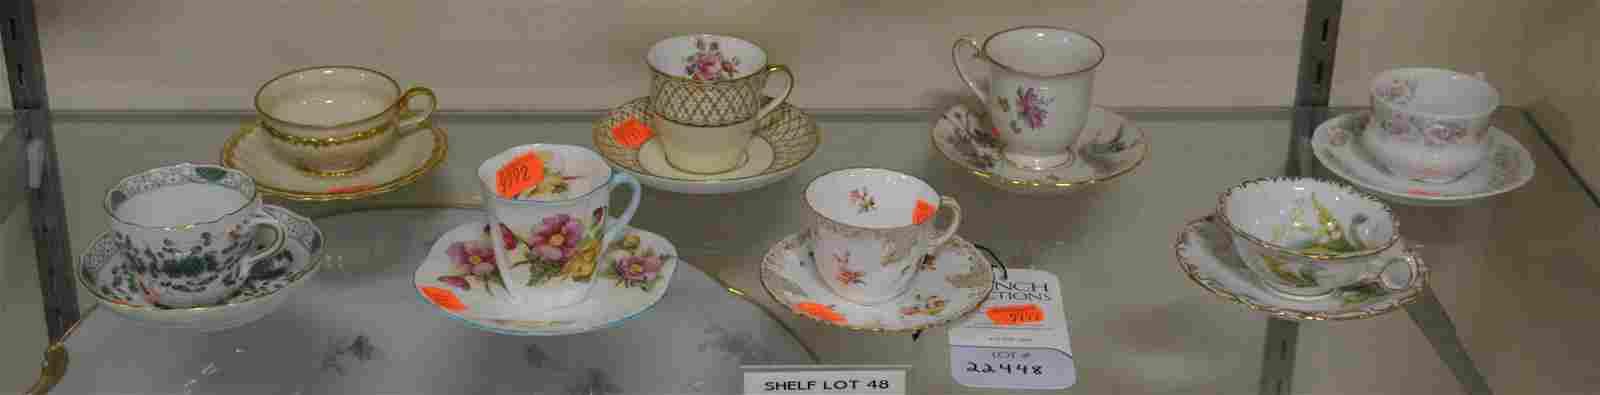 Shelf #48 - (8) Sets of Teacups and Saucers